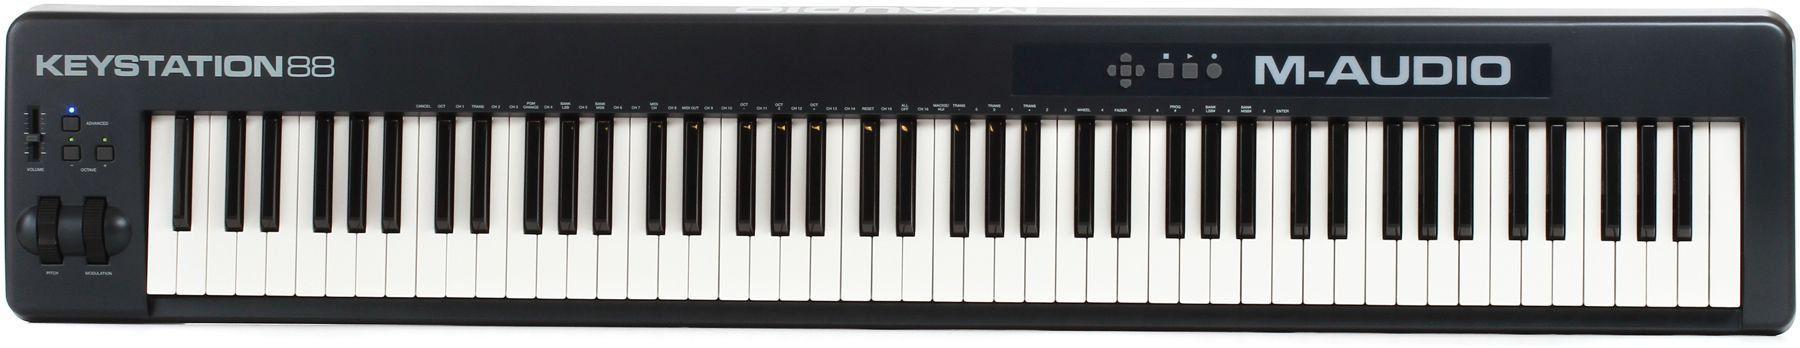 Teclado controlador M-Audio Keystation 88 VII USB  88 Teclas